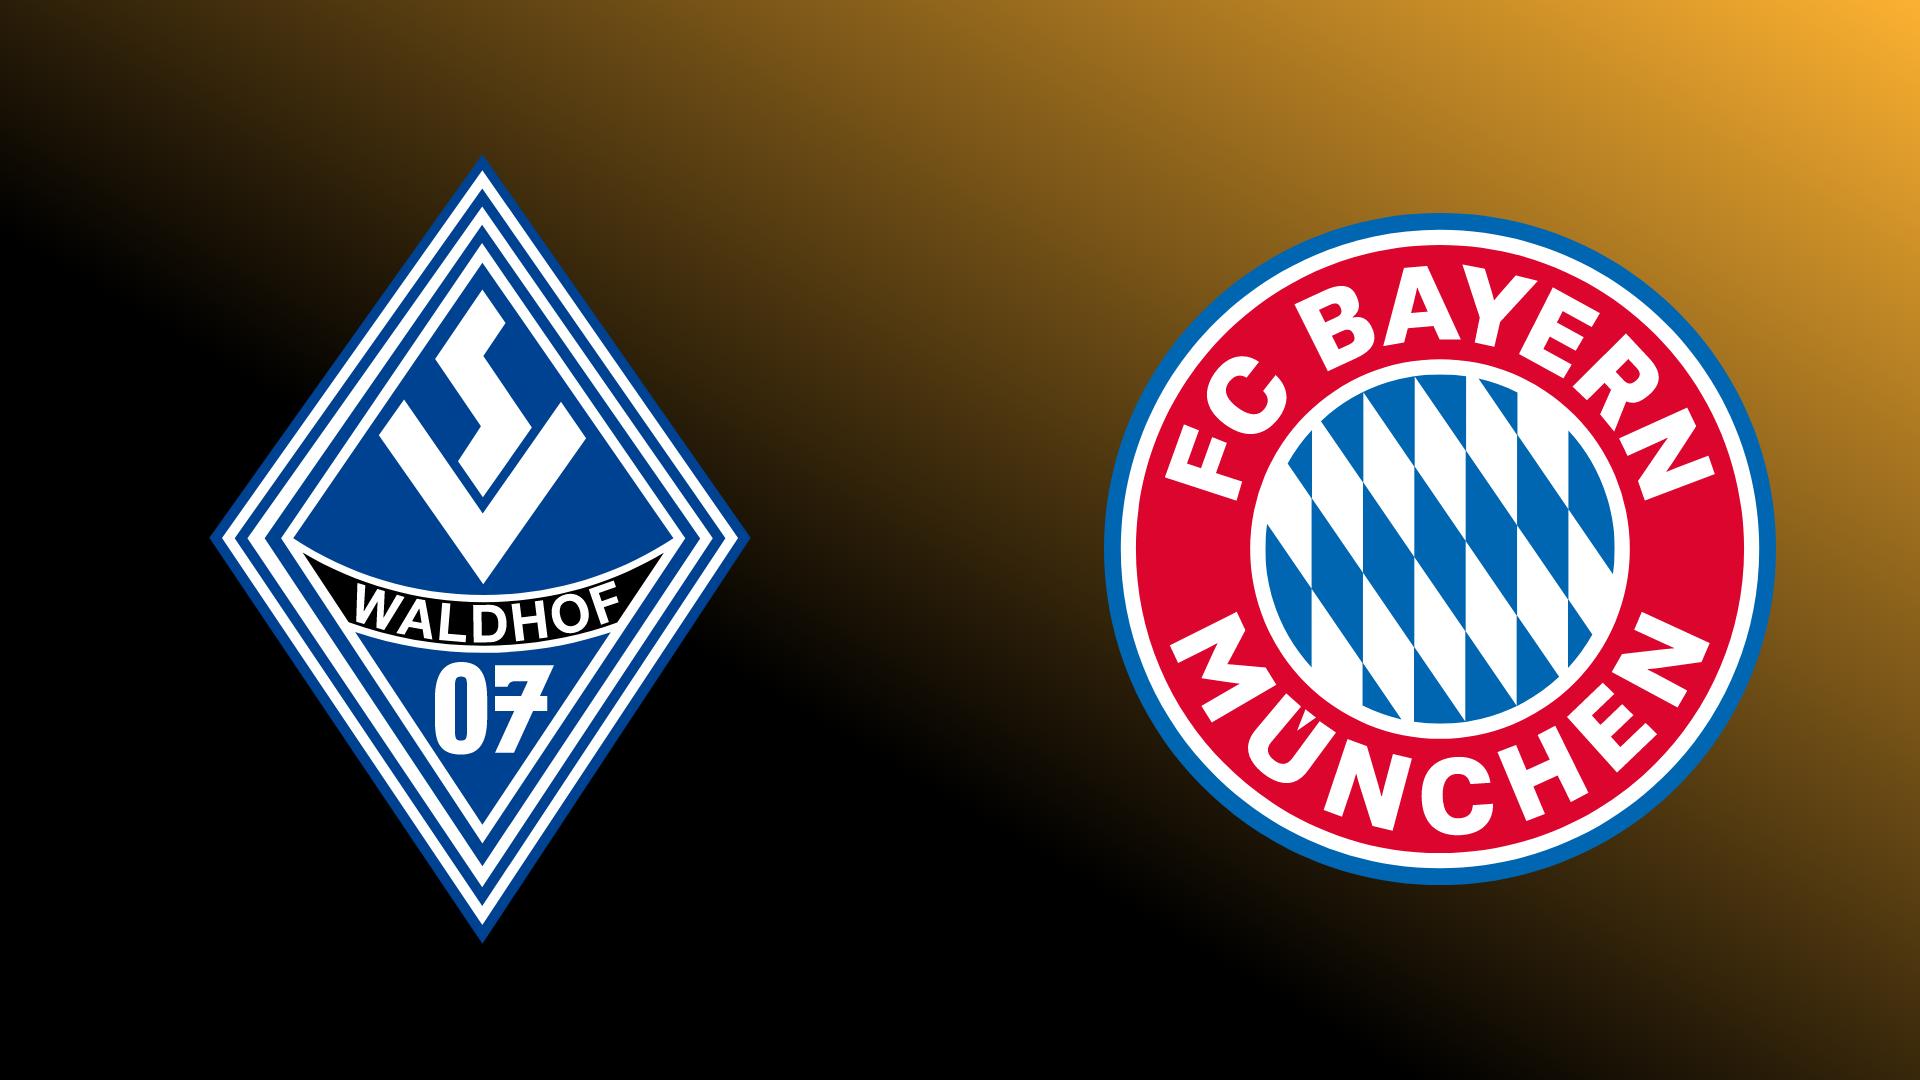 SV Waldhof Mannheim - FC Bayern München II 01.03.2021 um 18:45 Uhr auf Magenta Sport